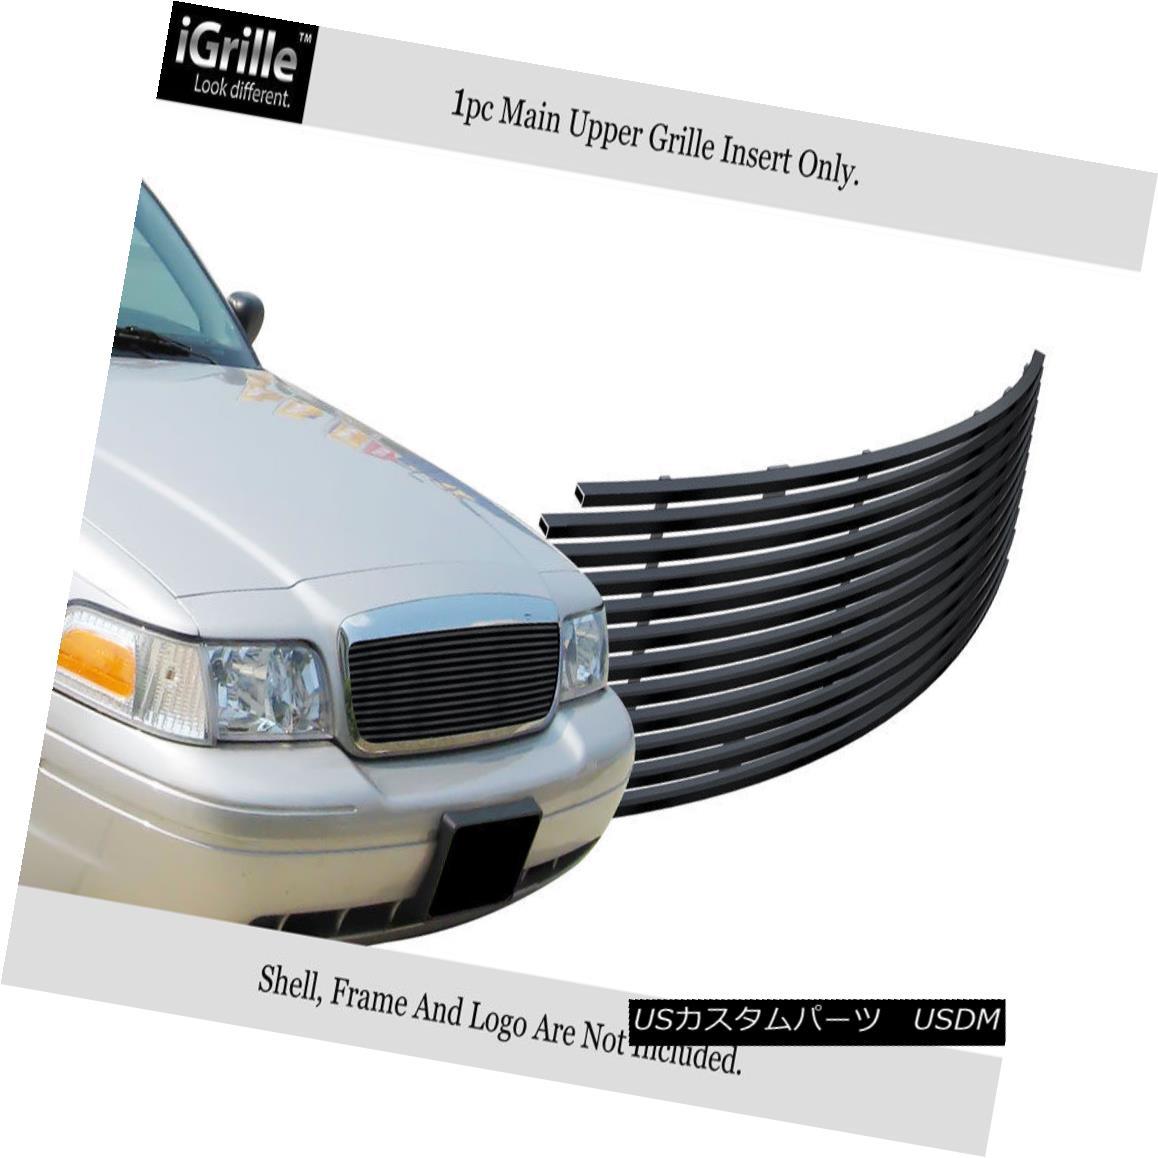 グリル For 1998-2012 Ford Victoria Honeycomb Style Stainless Black Billet Grille 1998?2012年フォードビクトリアハニカムスタイルステンレスブラックビレットグリル